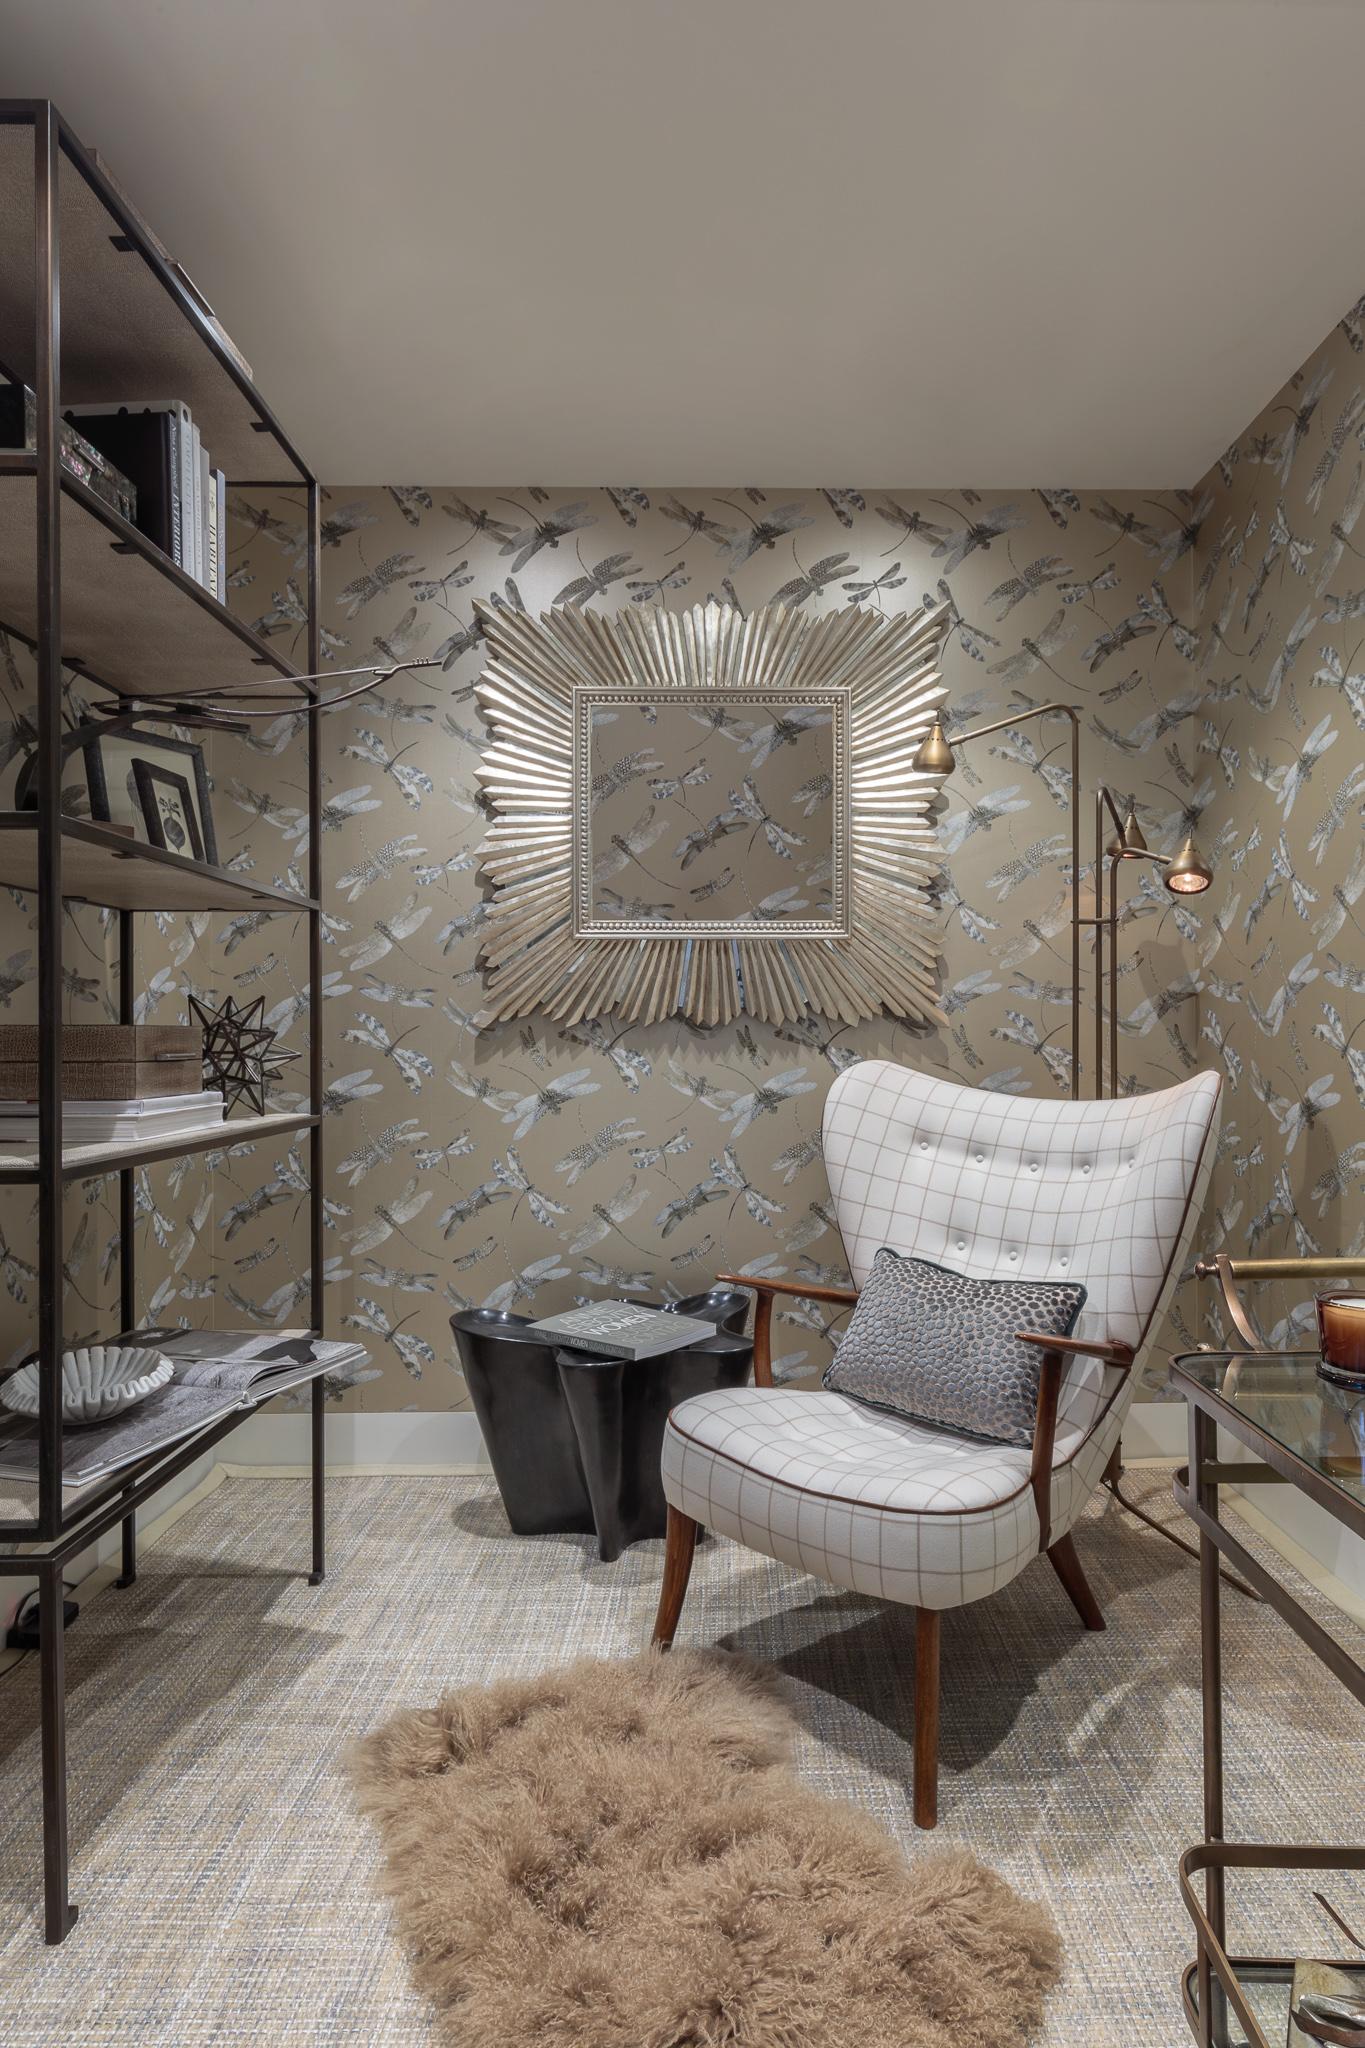 Nanette Design-2016Showcase-DavidLivingston-01.jpg